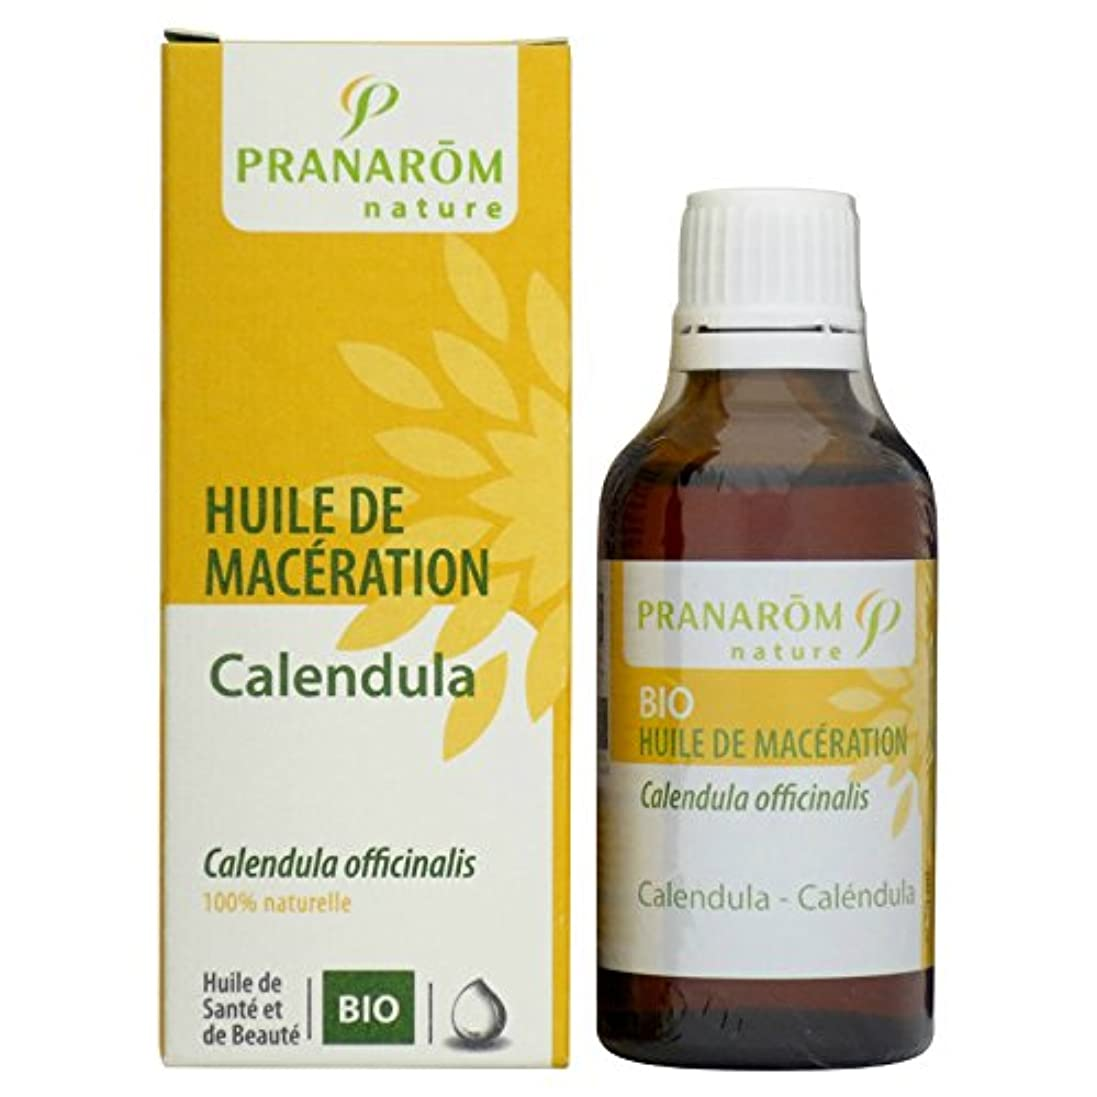 西喜びカヌープラナロム カレンデュラオイル 50ml (PRANAROM 植物油)